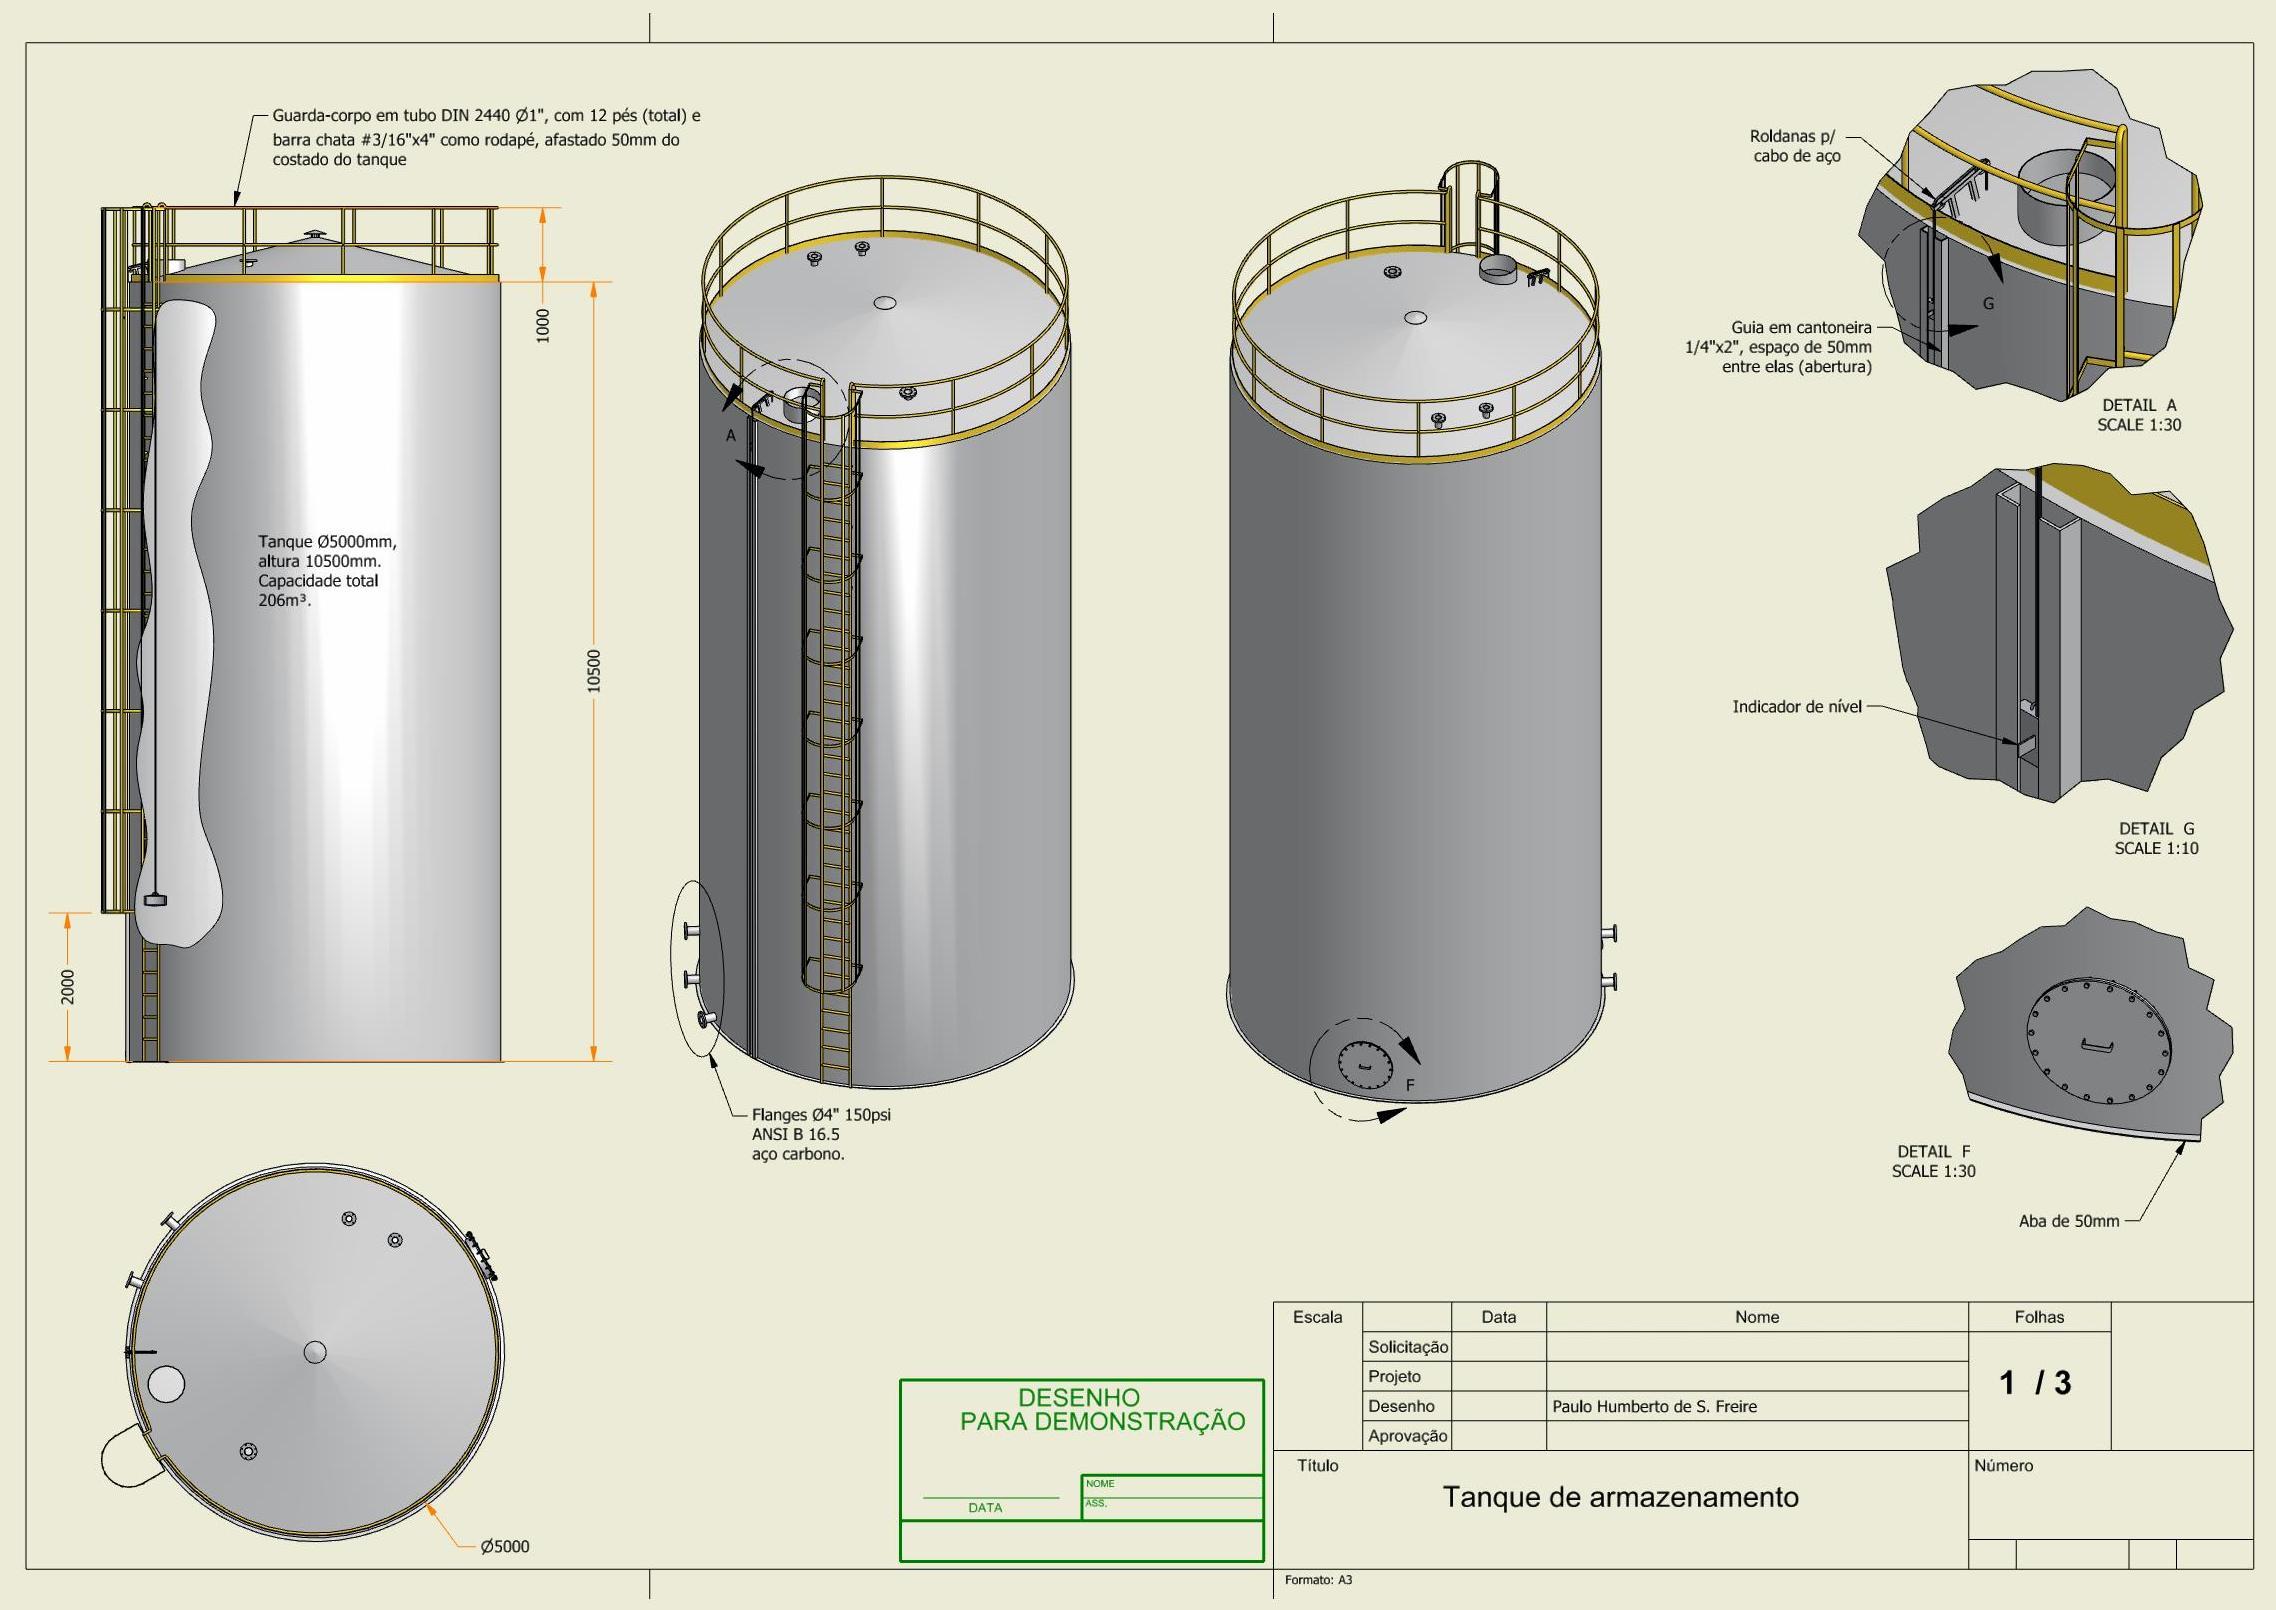 Projetos FP: Tanque cilíndrico em aço carbono com guarda-corpo e escada, capacidade 200m³